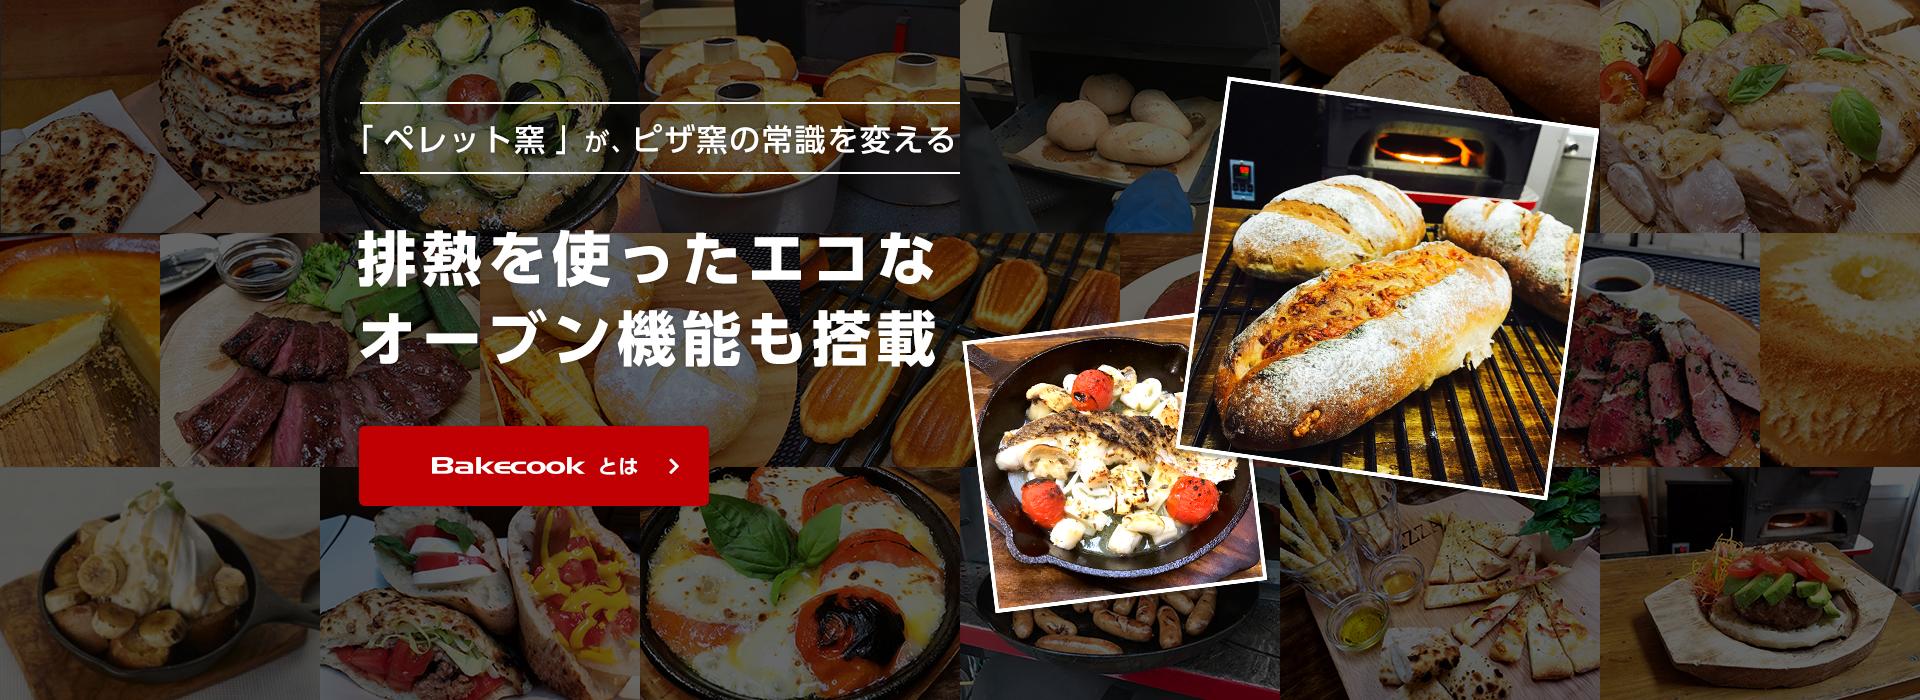 排熱を使ったエコなオーブン機能も搭載-ペレットピザ窯のベイクック -